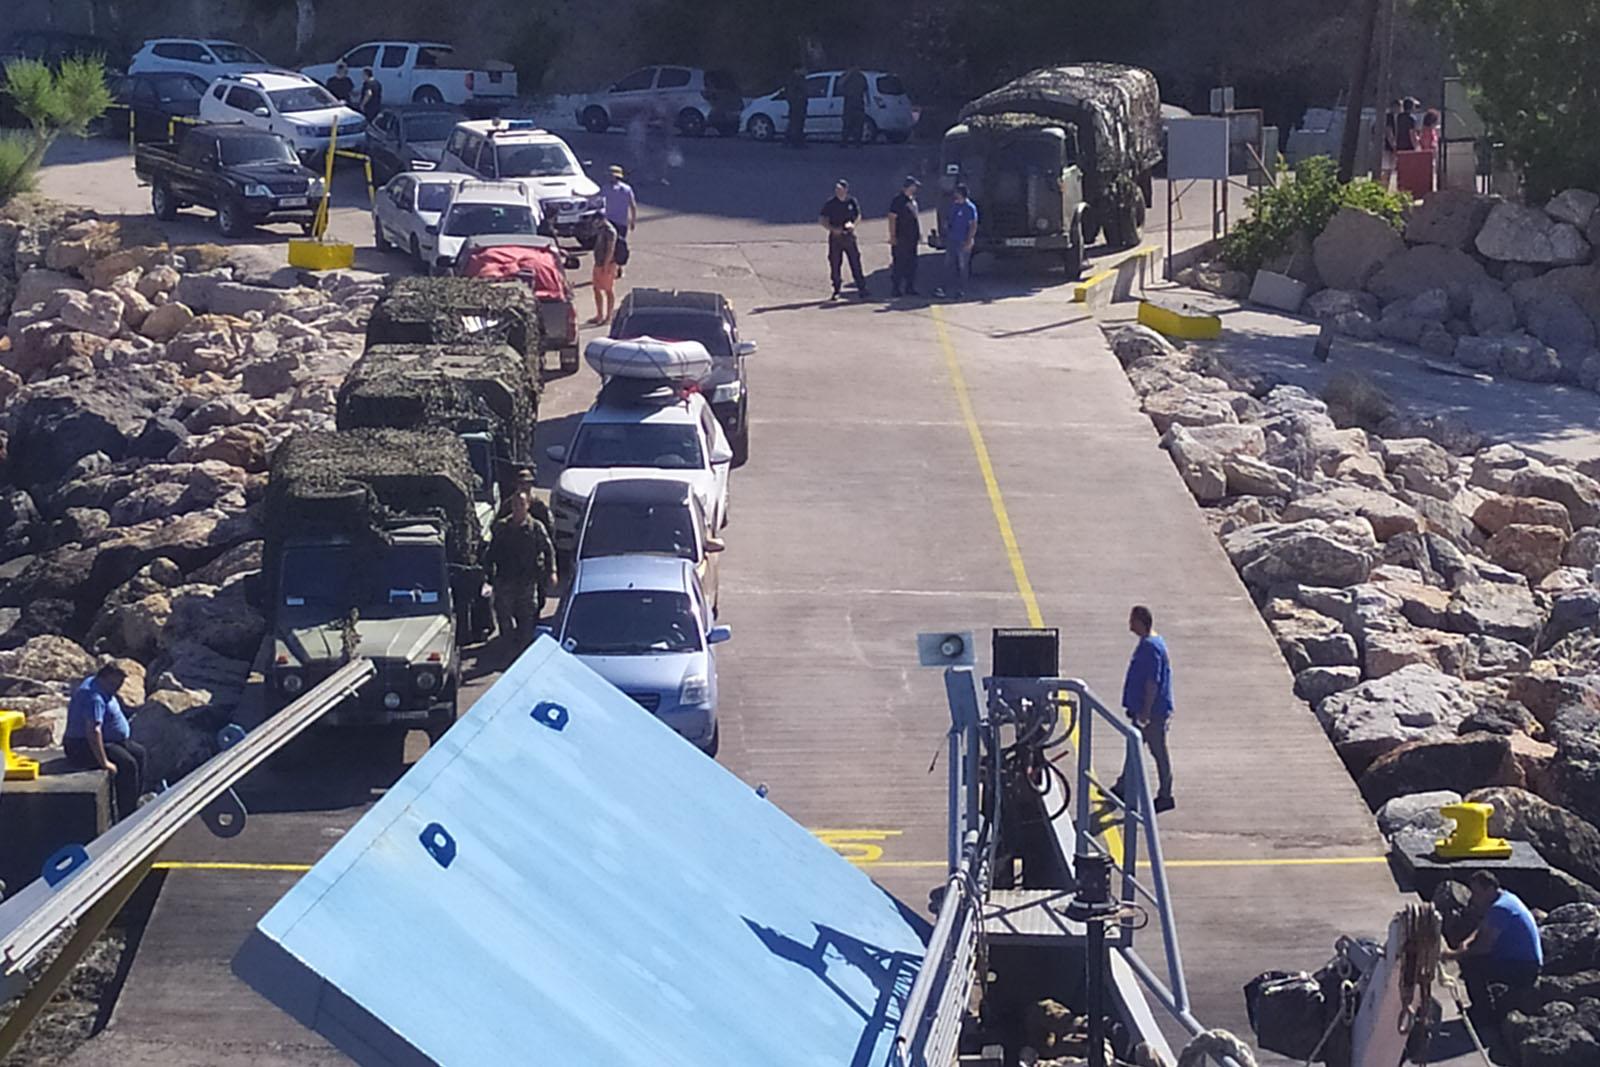 Χανιά: Γιατί έγινε απόβαση από στρατιωτικές δυνάμεις στη Γαύδο ...